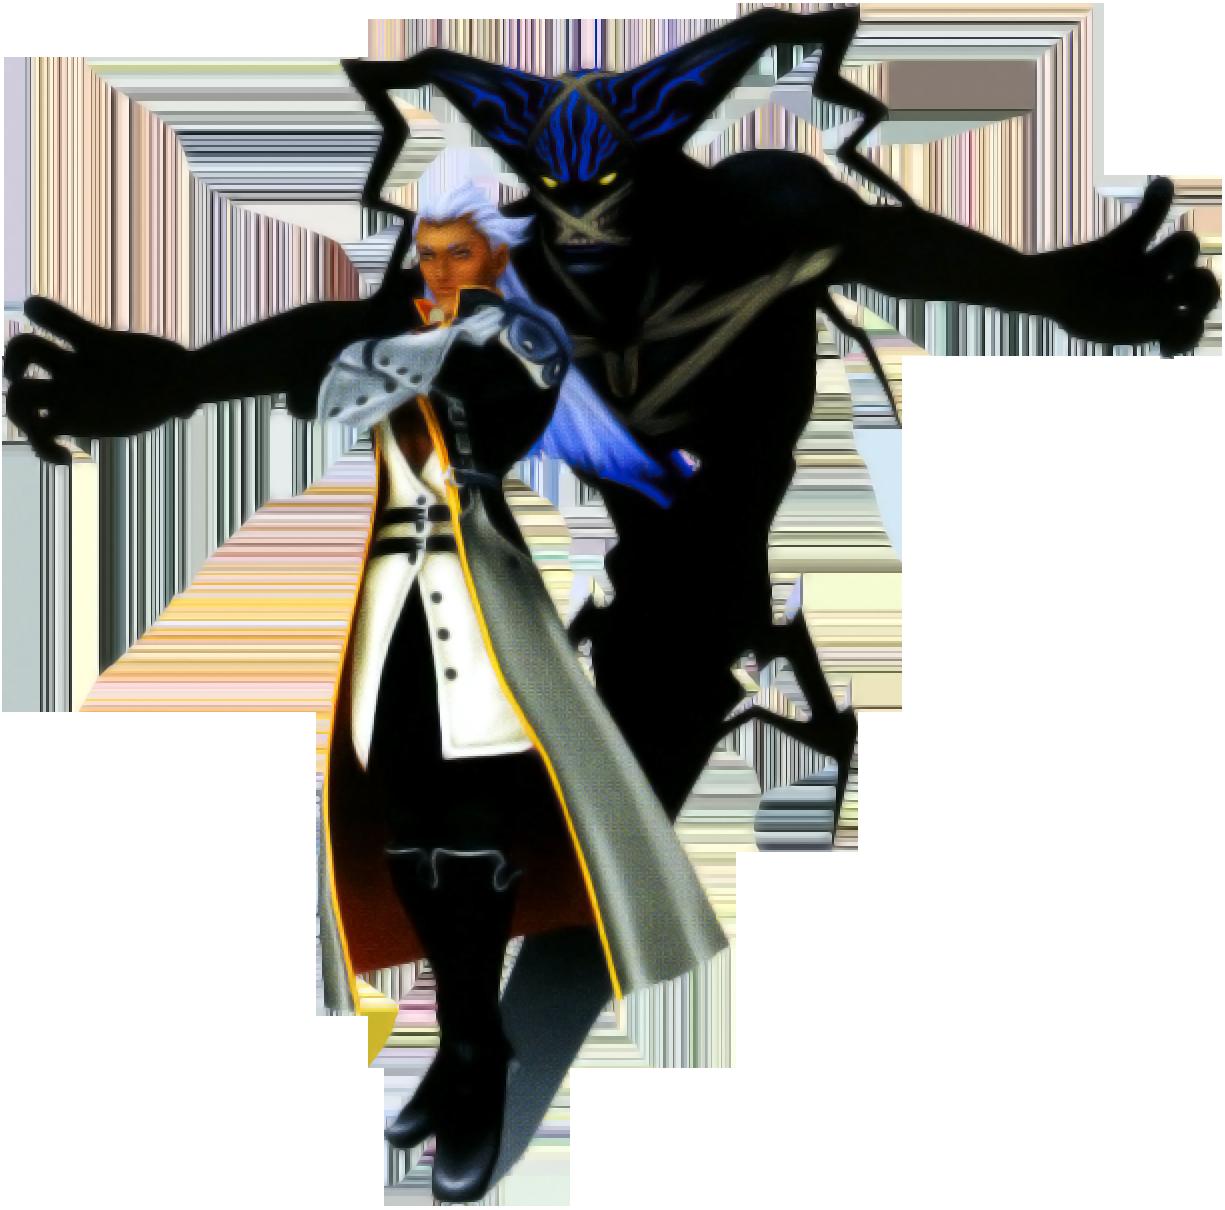 Gallery:Ansem, Seeker of Darkness | Kingdom Hearts Wiki | FANDOM ...